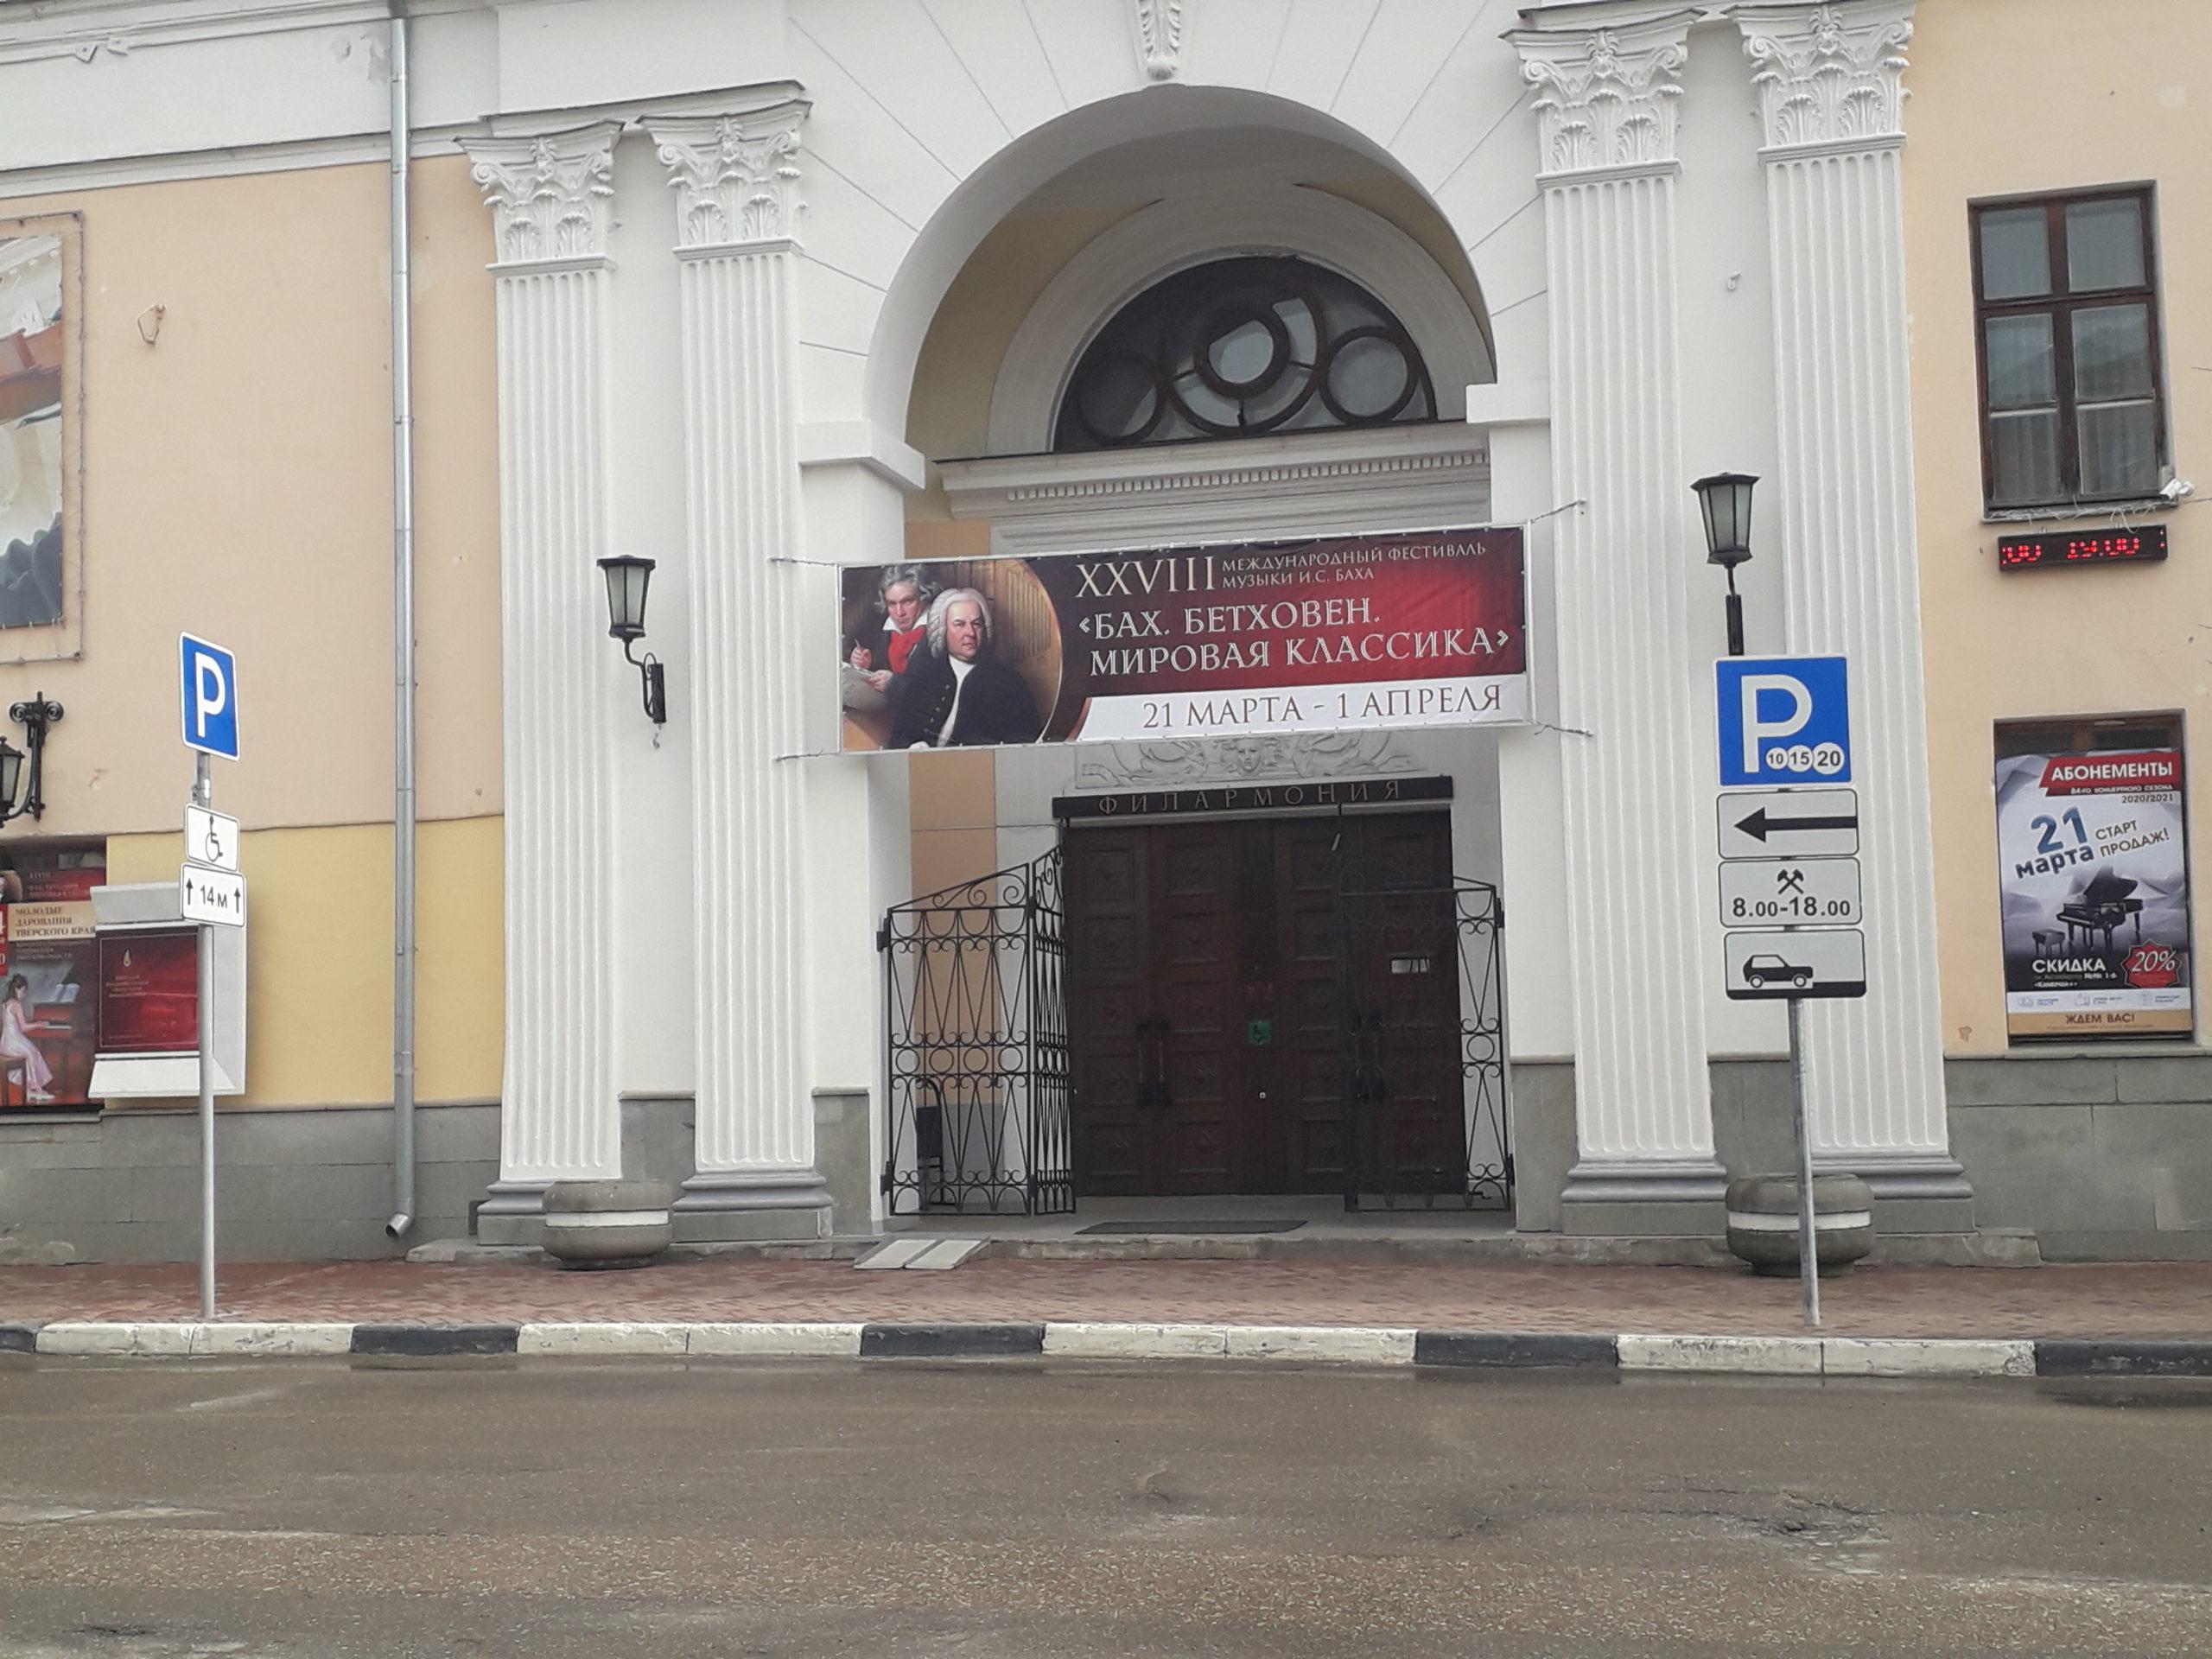 Музыканты Тверской филармонии сыграют «Реквием»